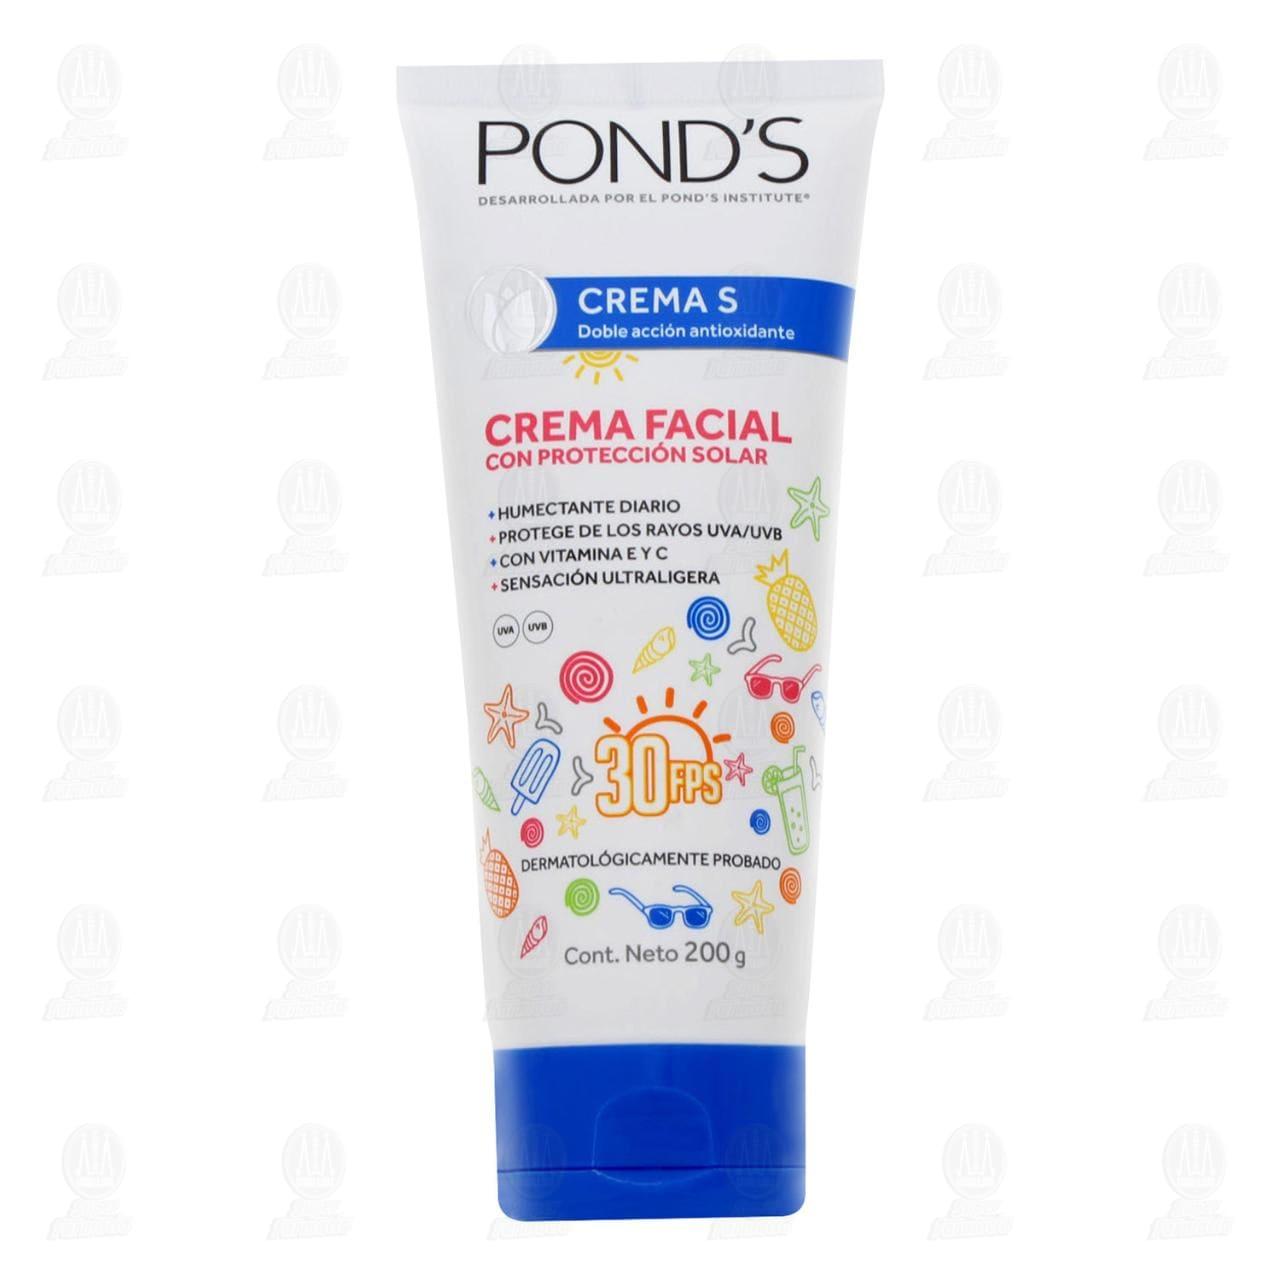 Comprar Crema Facial Pond's Crema S con Protección Solar, 200 gr. en Farmacias Guadalajara